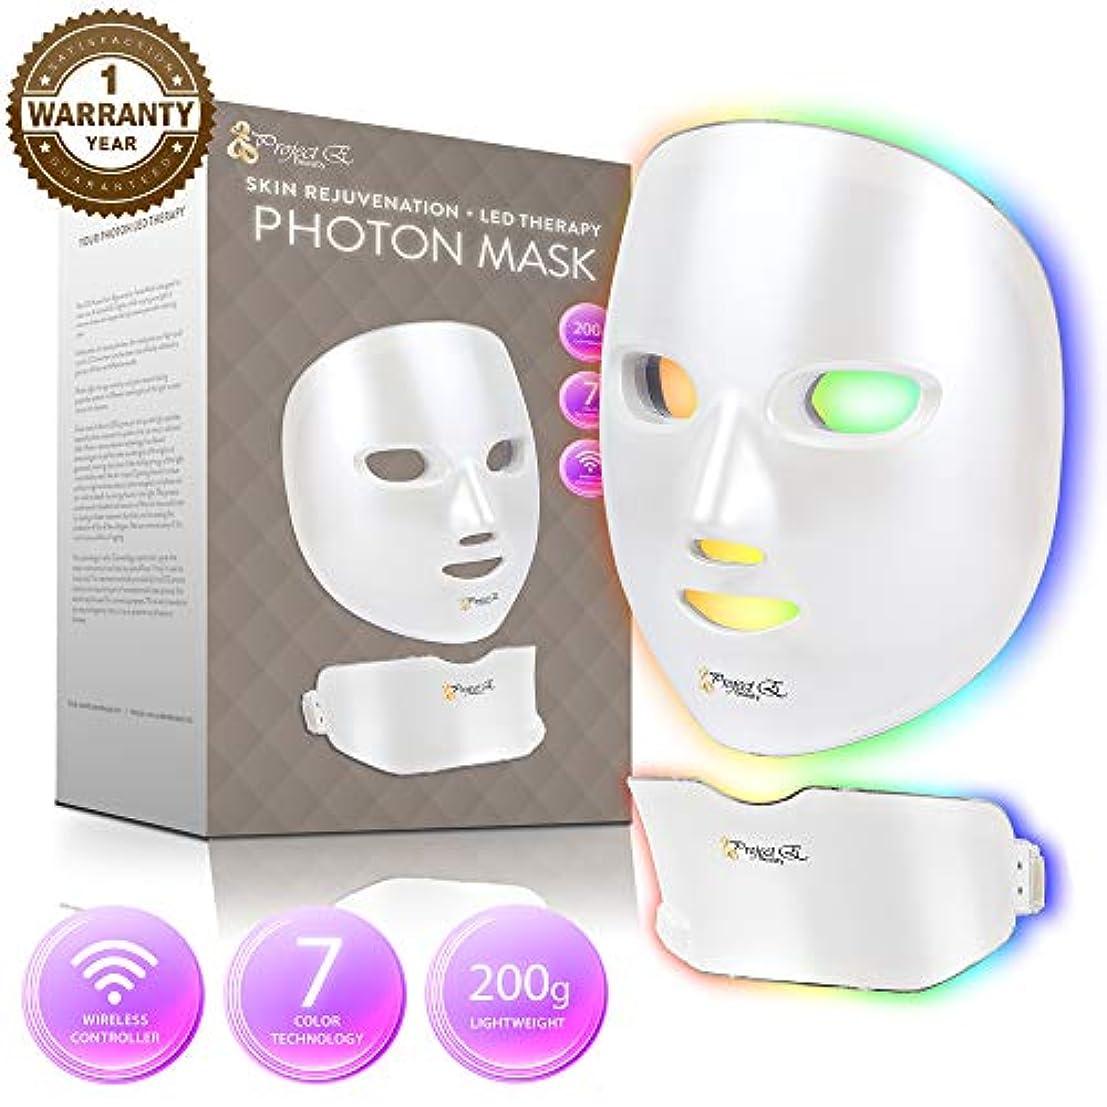 良心的宇宙の牽引Project E Beauty 7色 マスクフェイス&ネック光子光皮膚若返り療法顔 スキンケア無線マスクを主導しました ワンサイズ パール?ホワイト